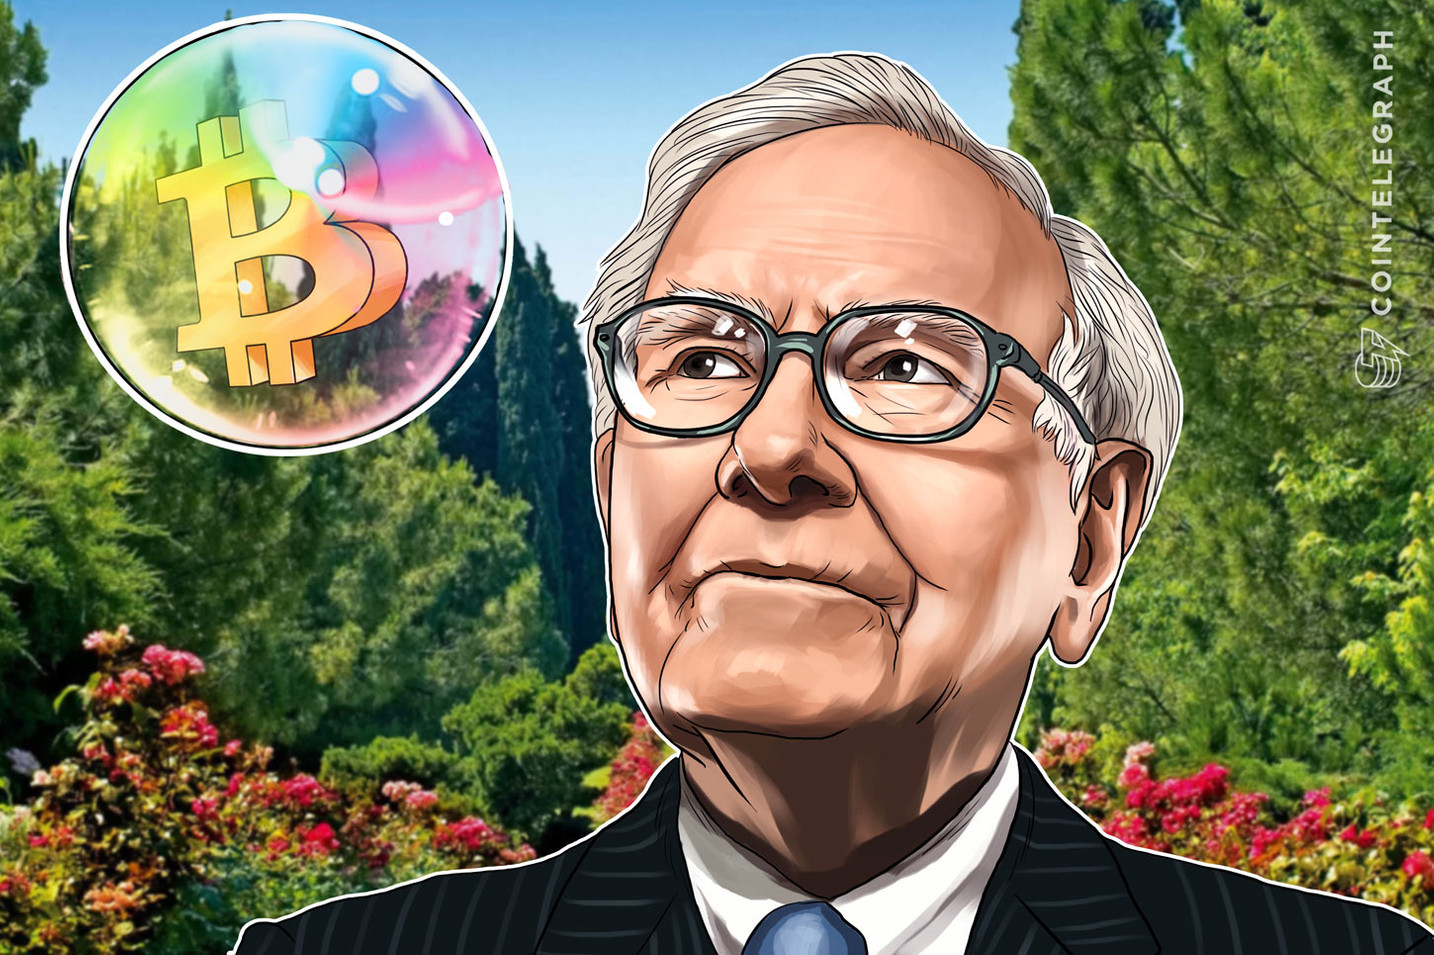 米バフェット氏「ビットコイン何も生産しない、仮想通貨購入は投資といえず」